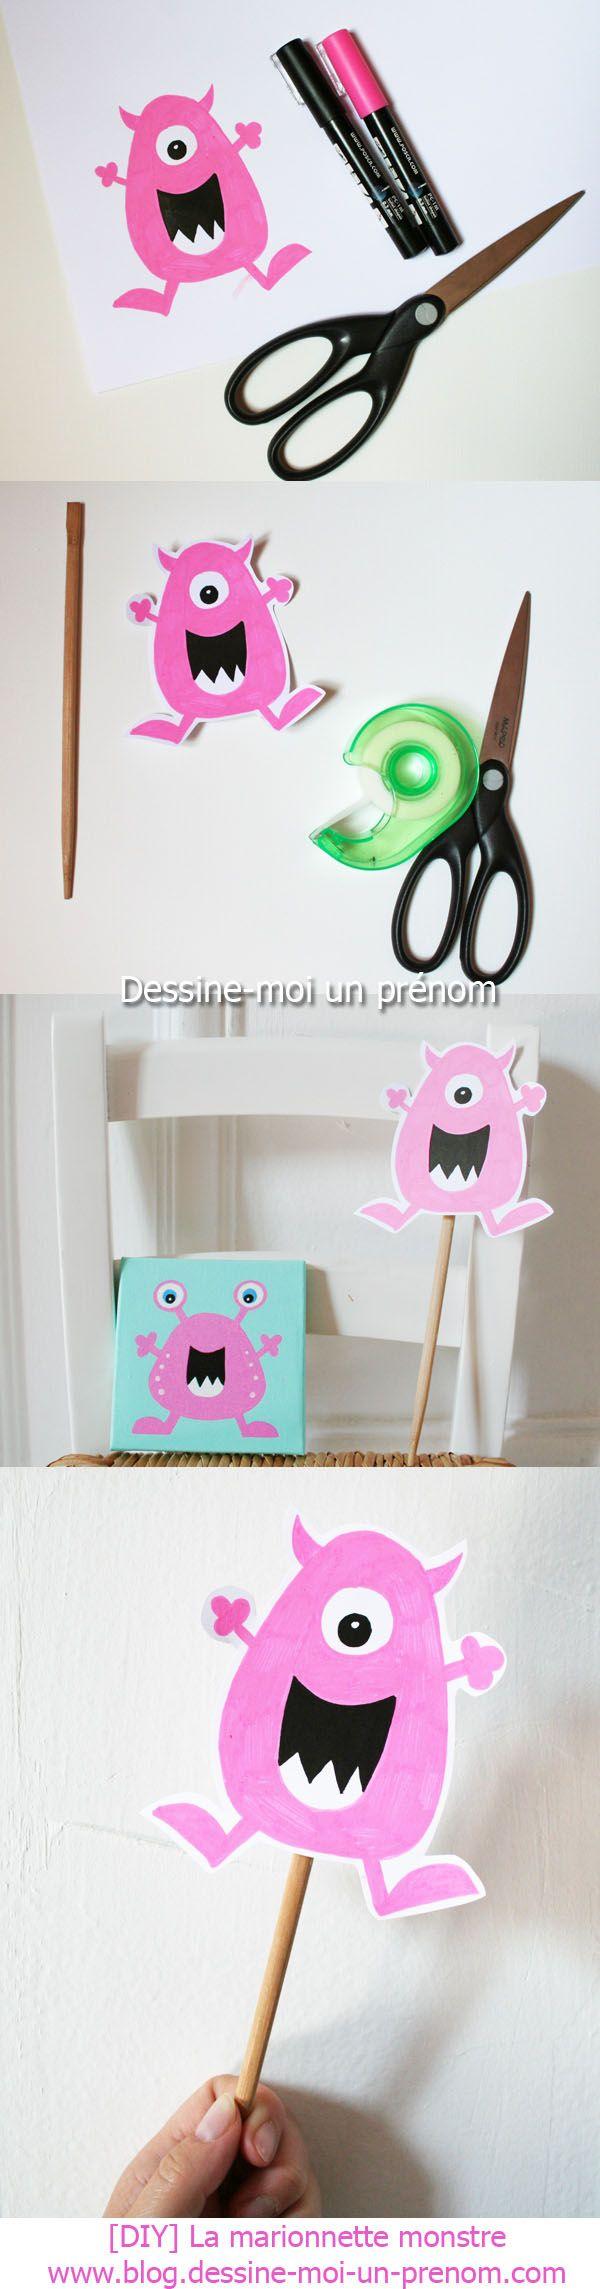 diy-tutoriel-fabriquer-marionnette-monstre-dessine-moi-un-prenom